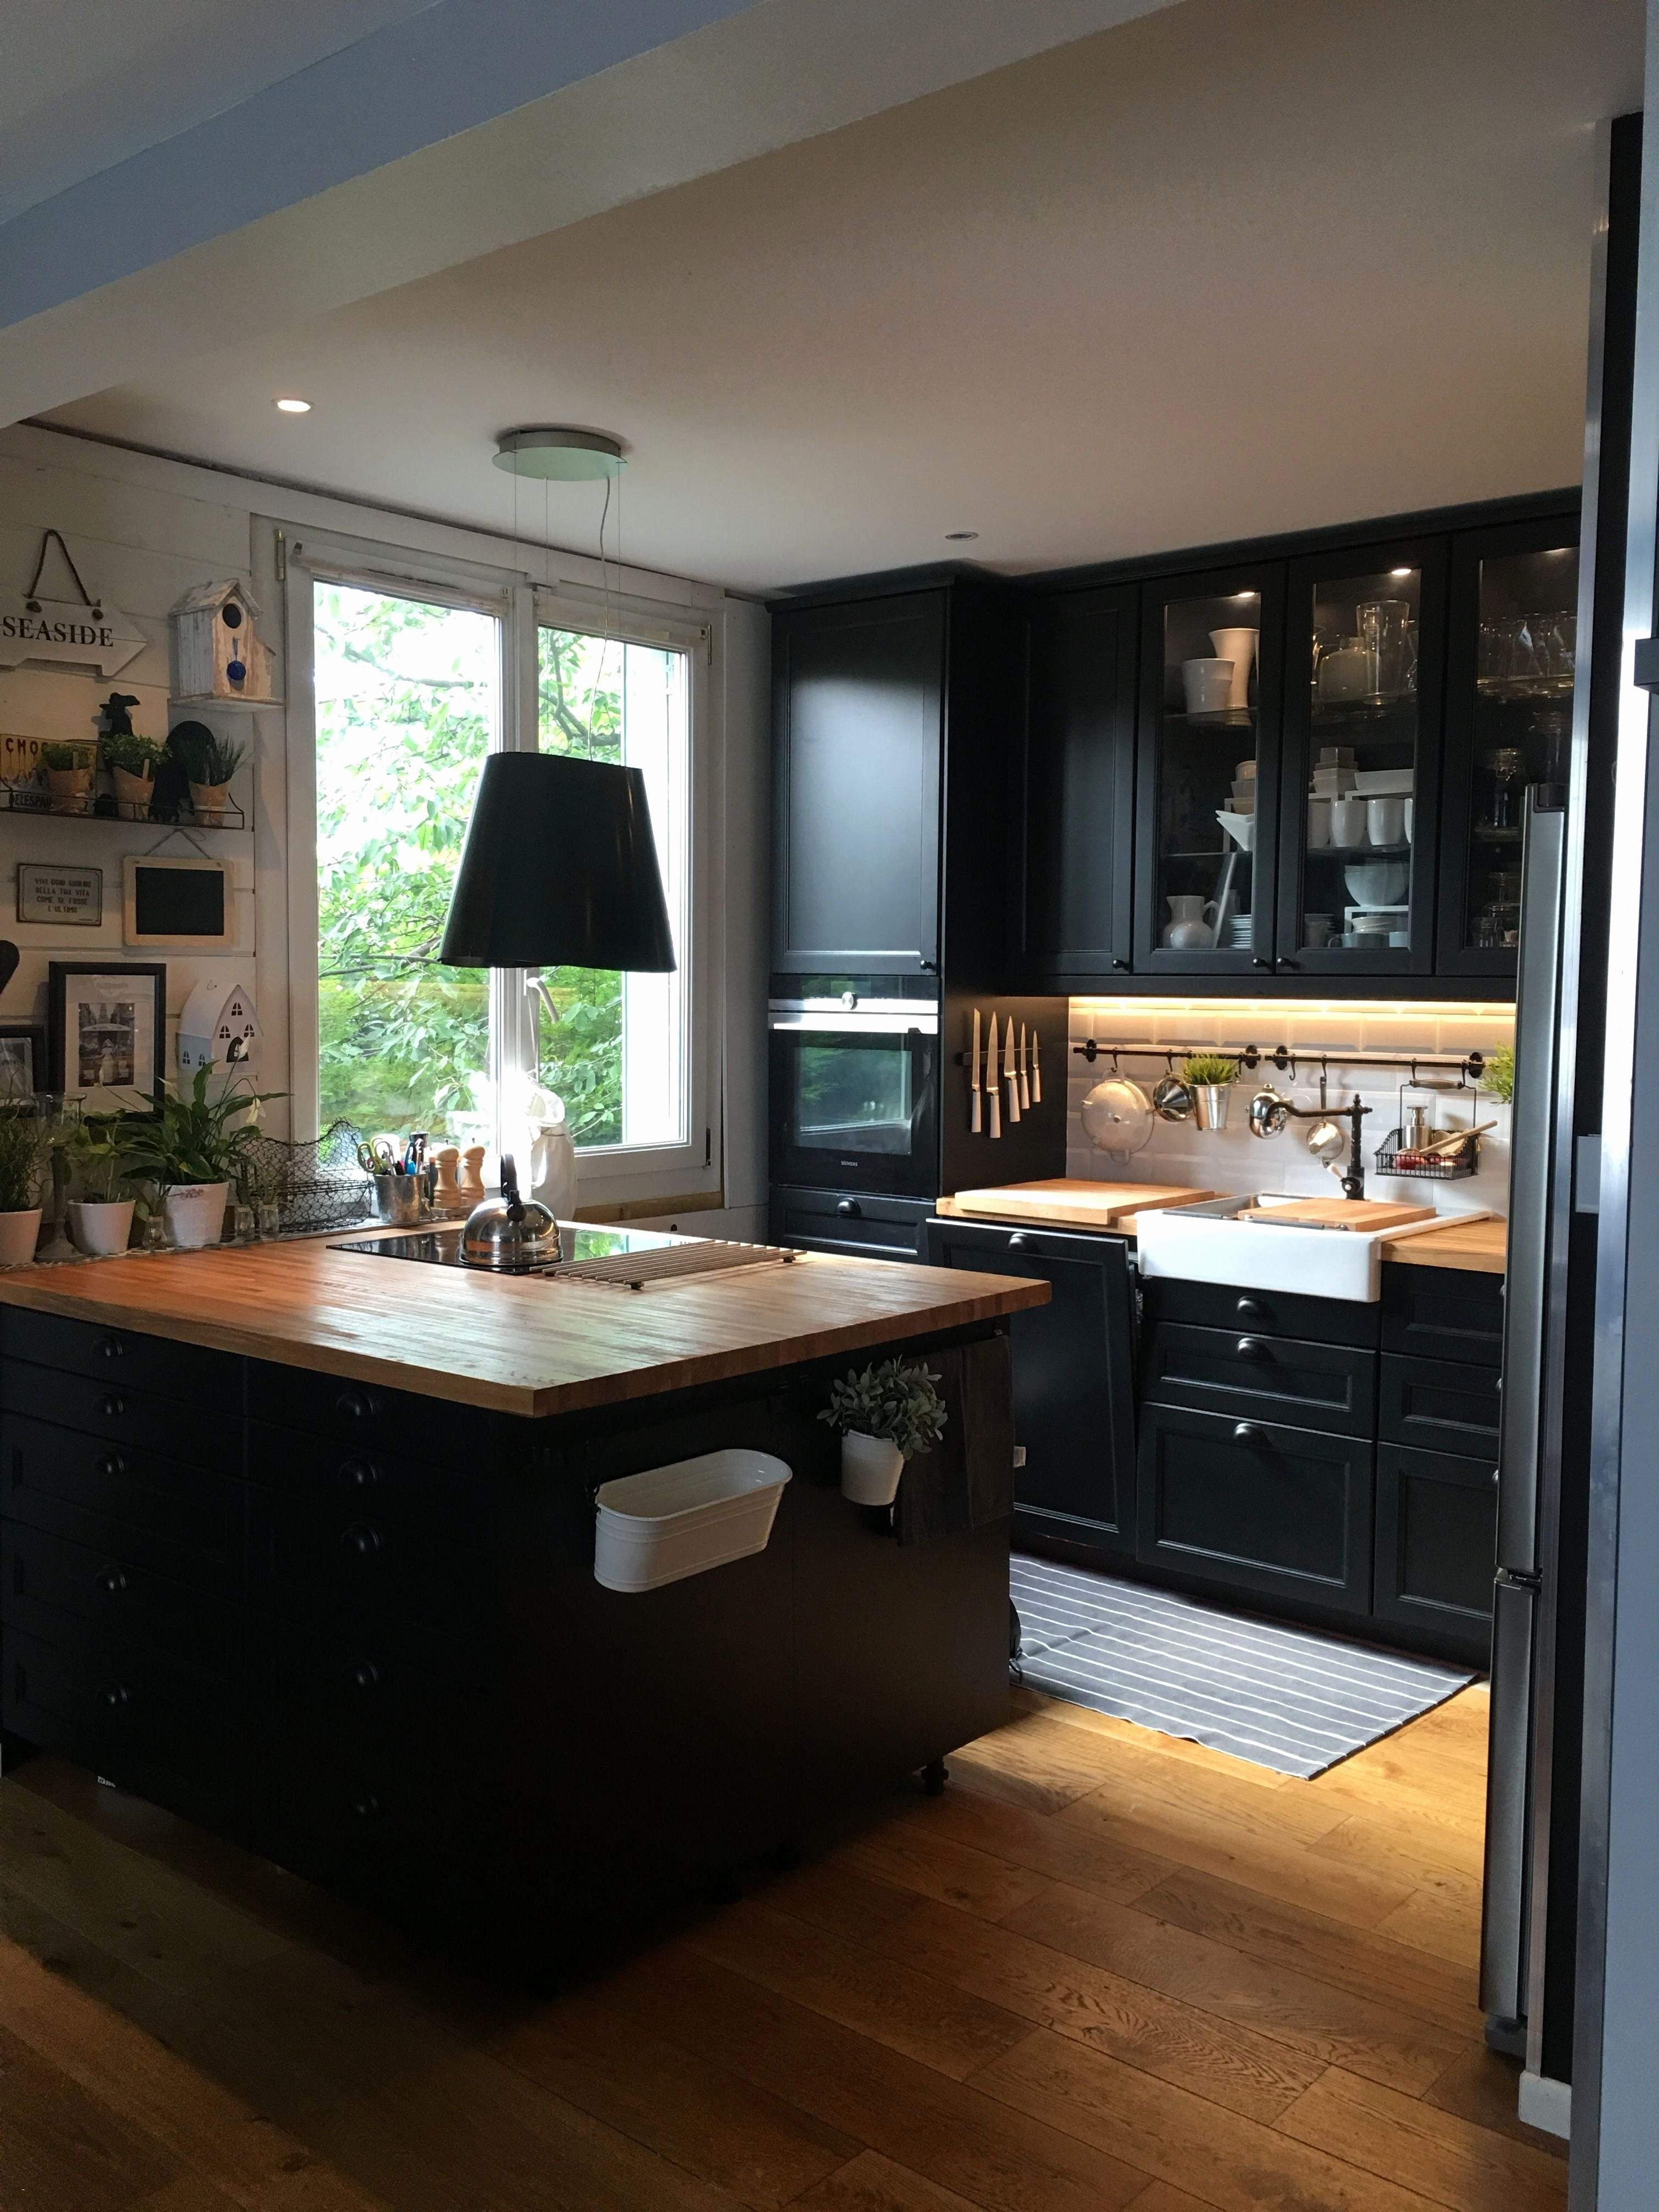 Porte Cuisine Sur Mesure Ikea inspirational cuisine sur mesure ikea | cuisine ikea noire